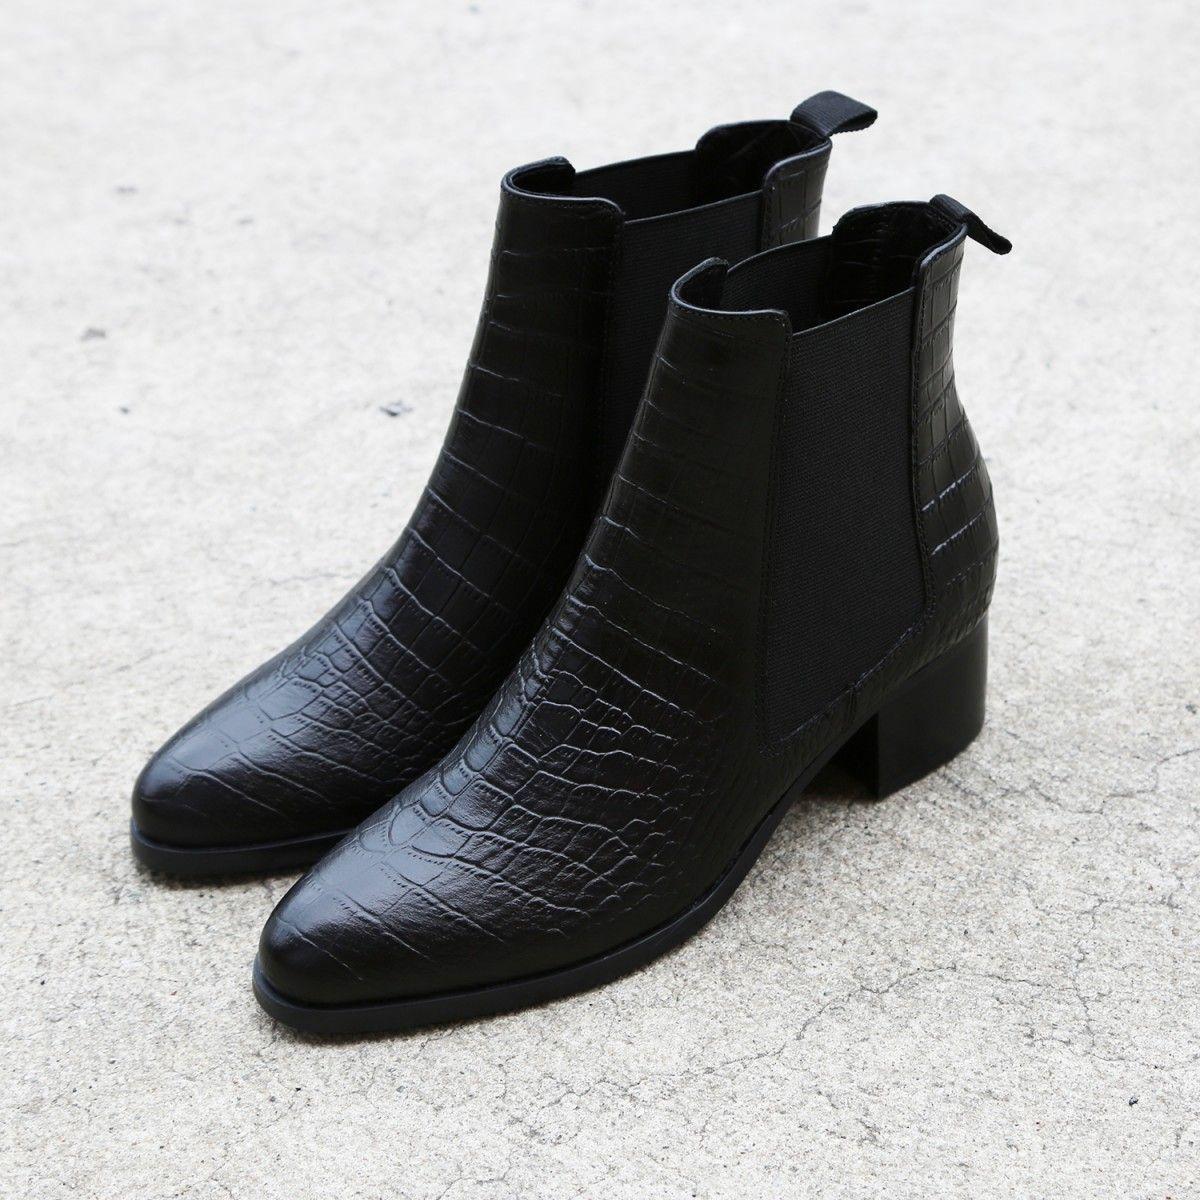 MASCOT Black Croc Leather Tony Bianco